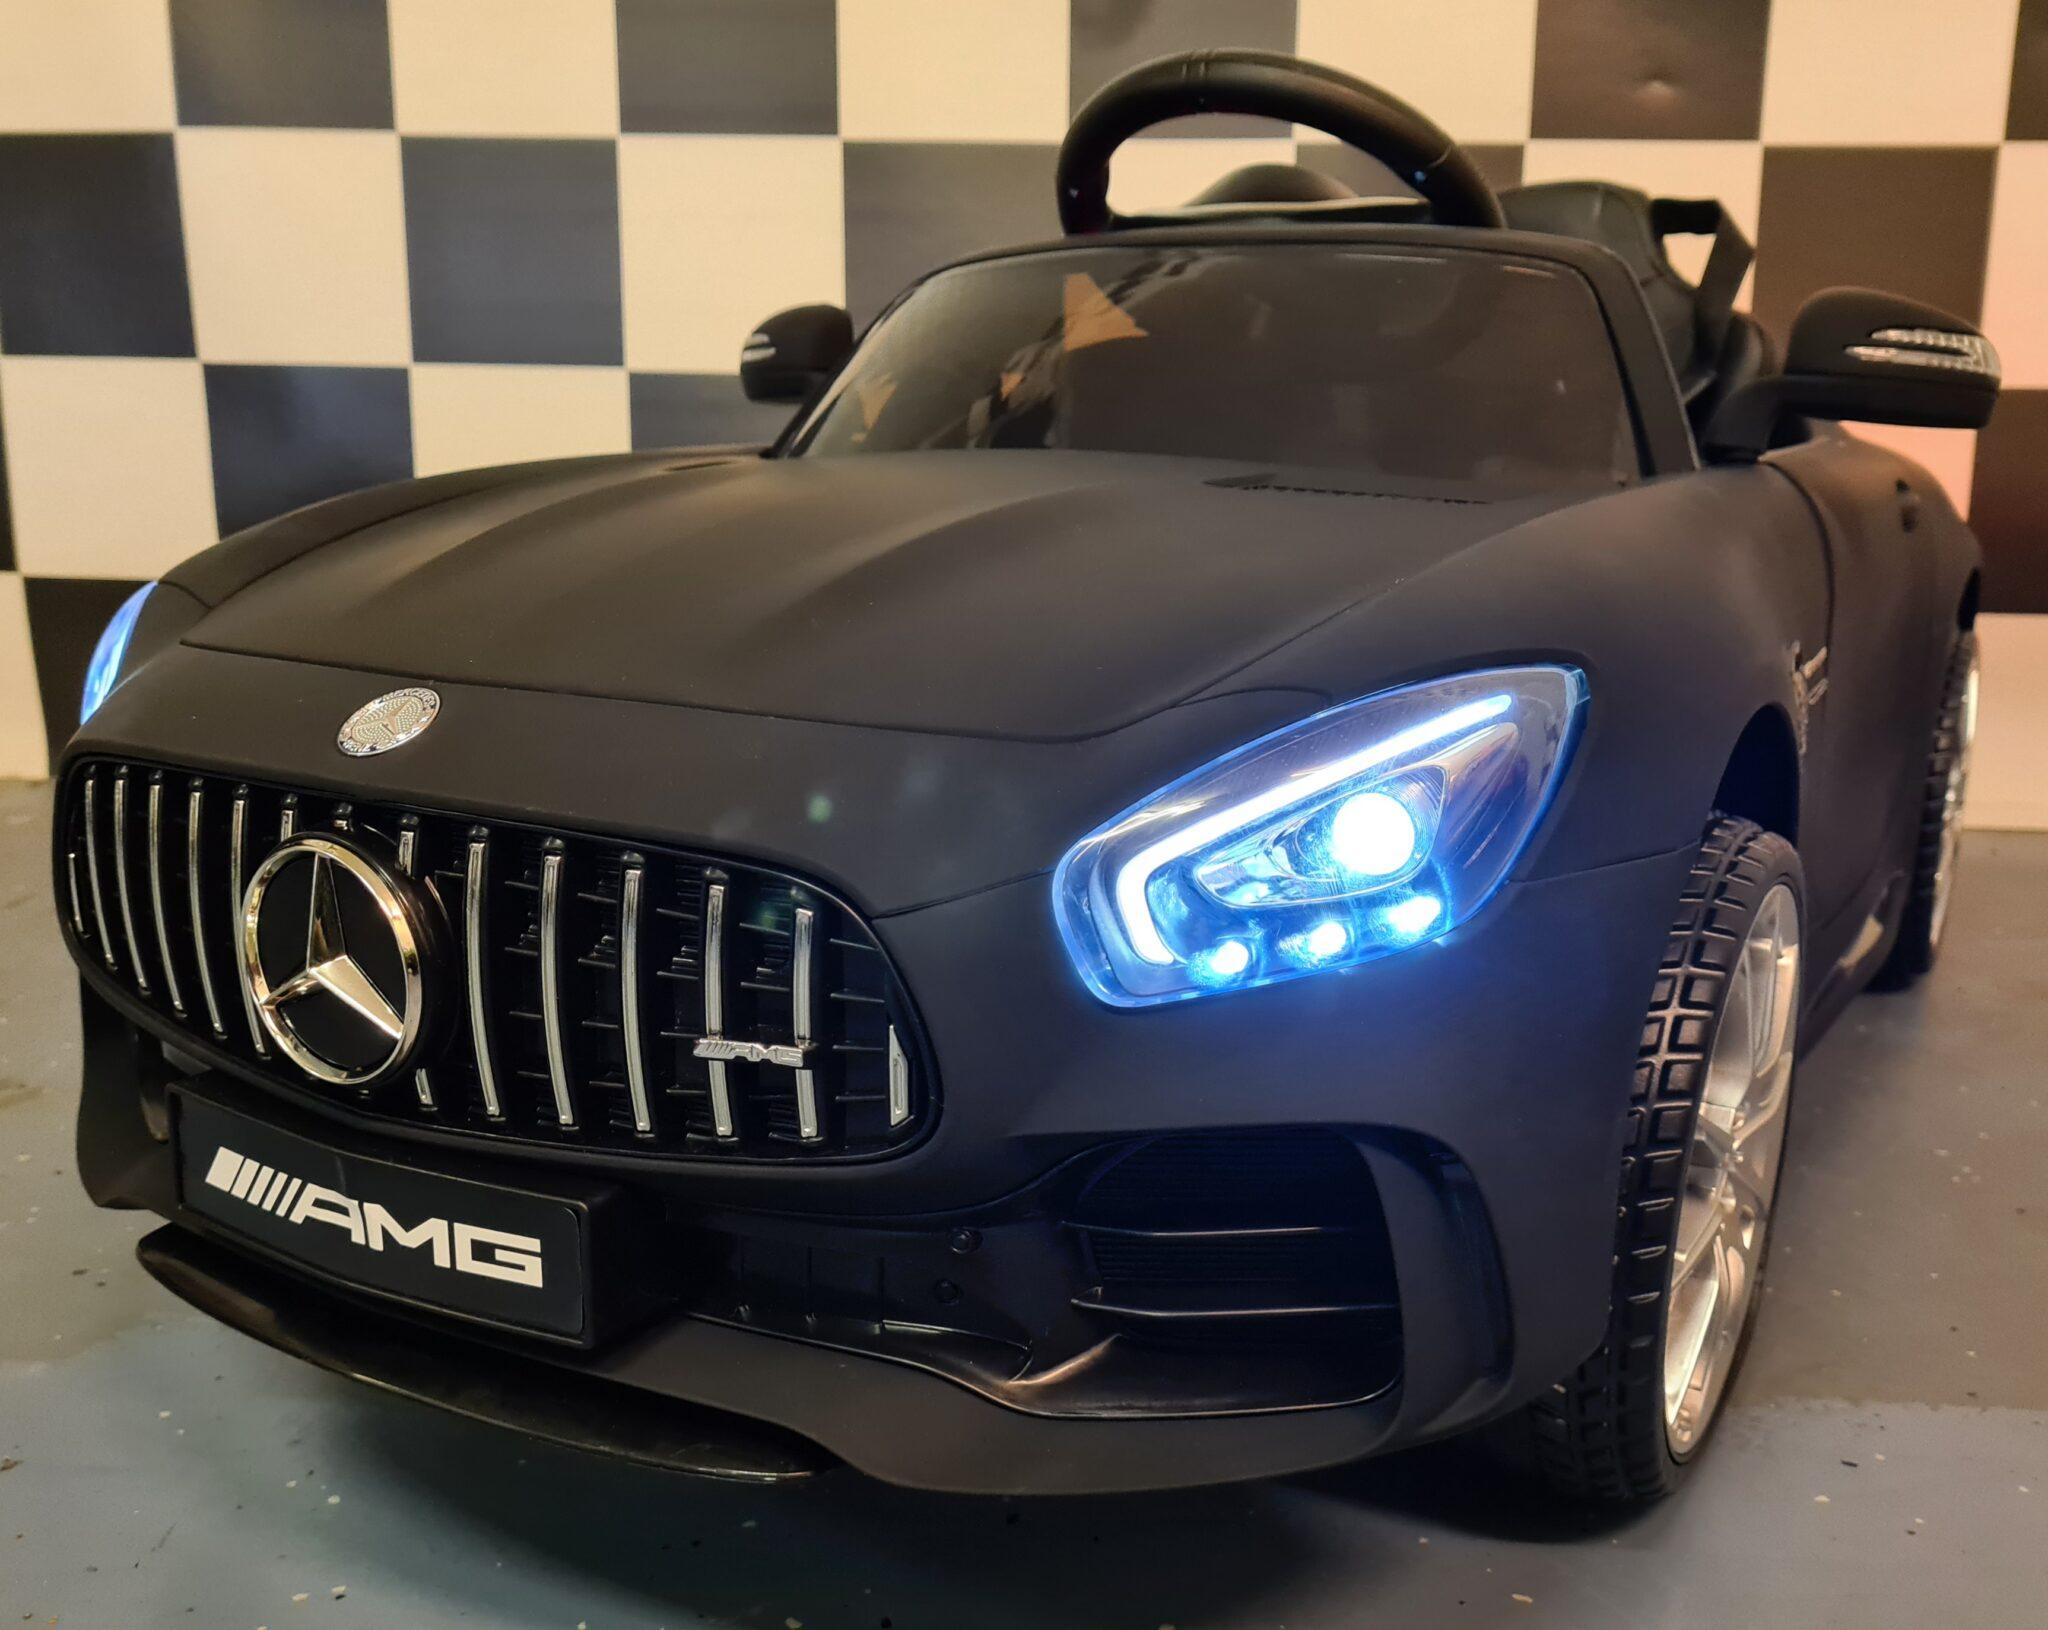 Mercedes GTR accu kinderauto mat zwart 12volt met rc